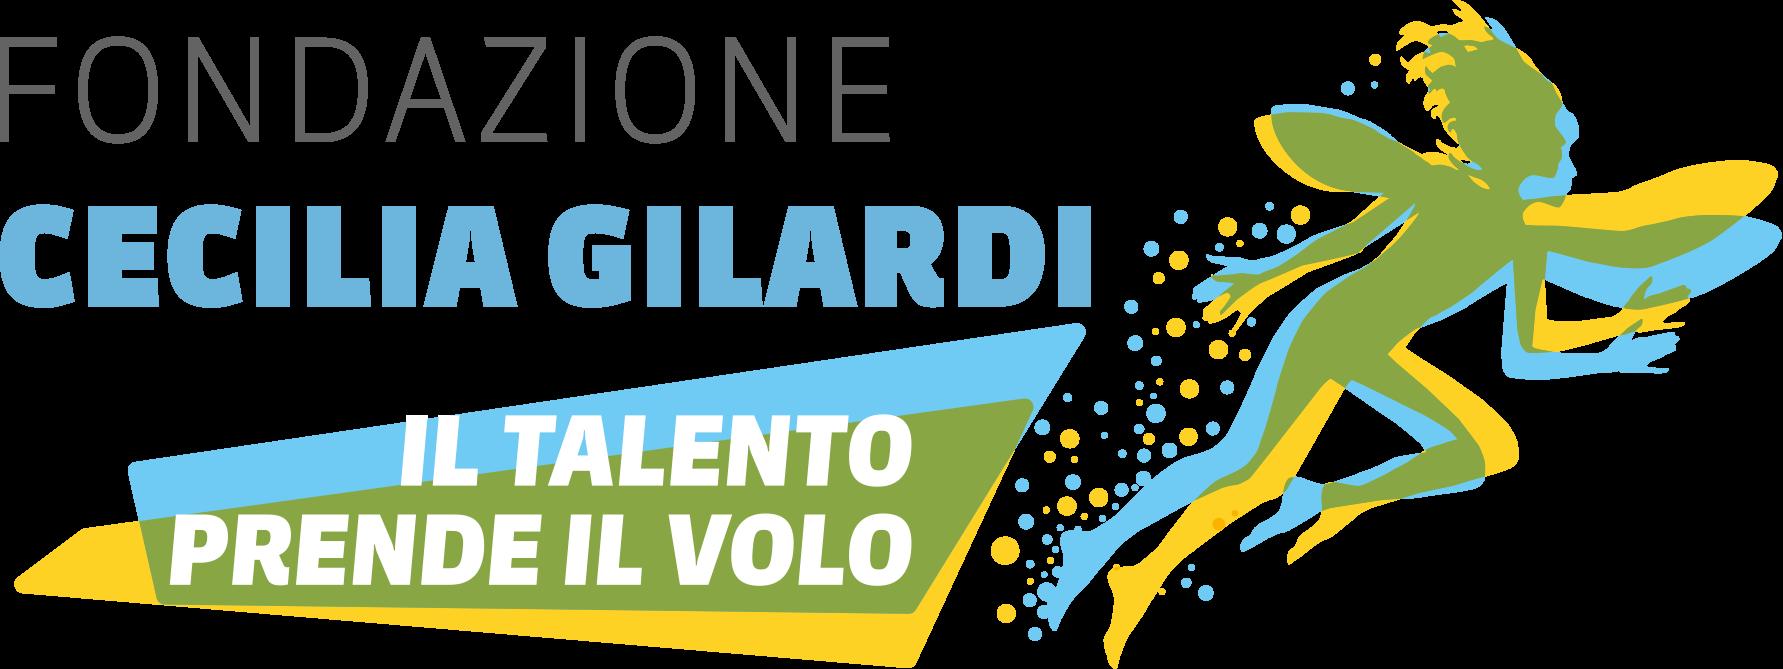 Fondazione Cecilia Gilardi